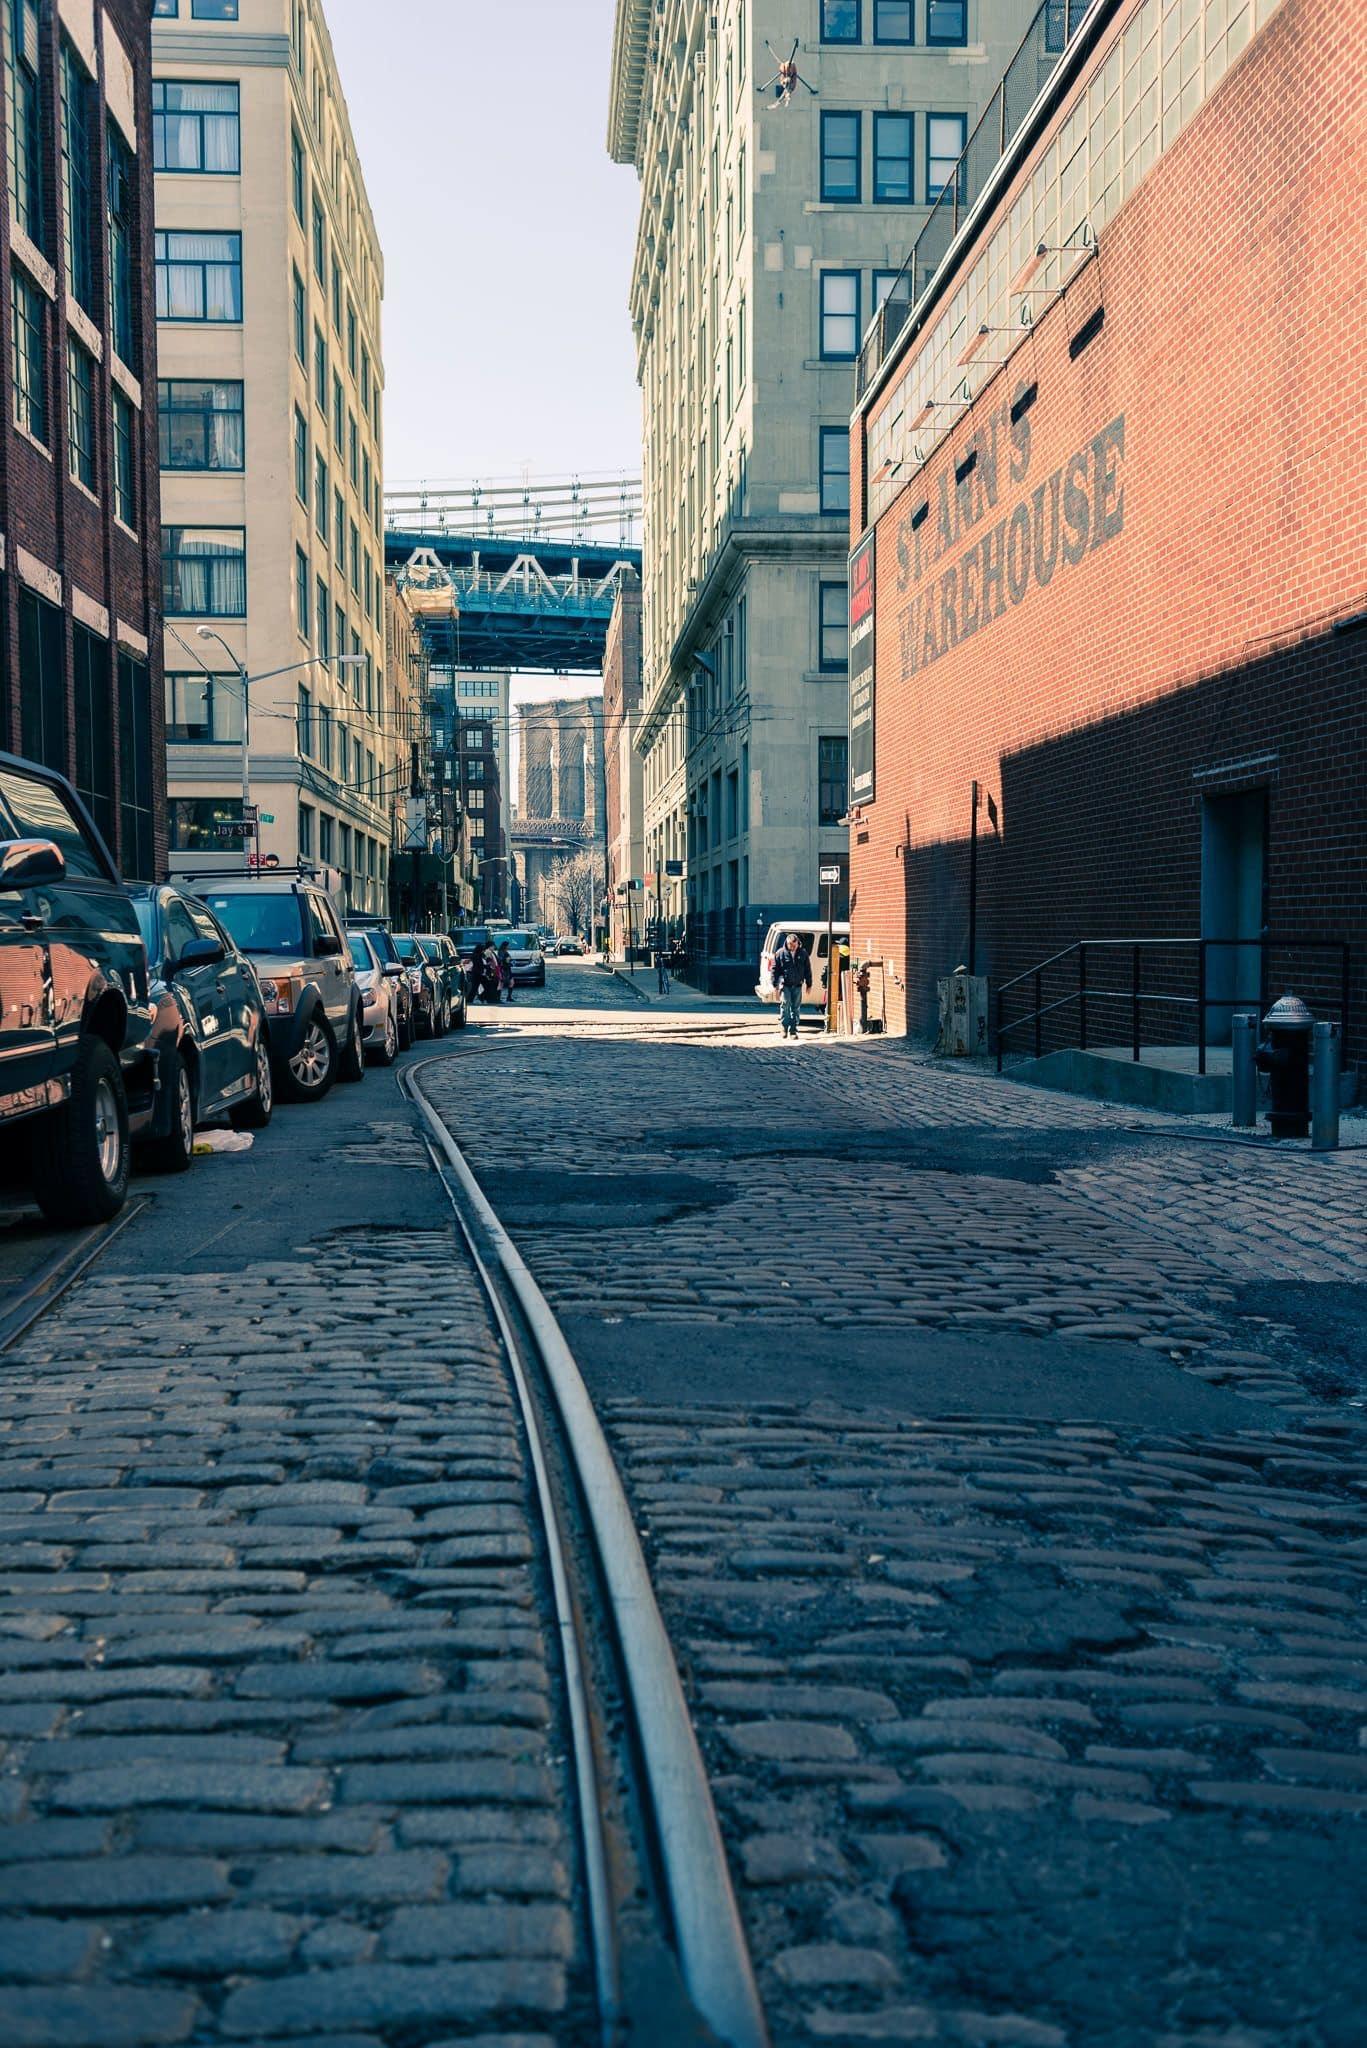 brooklyn-wandering-roads